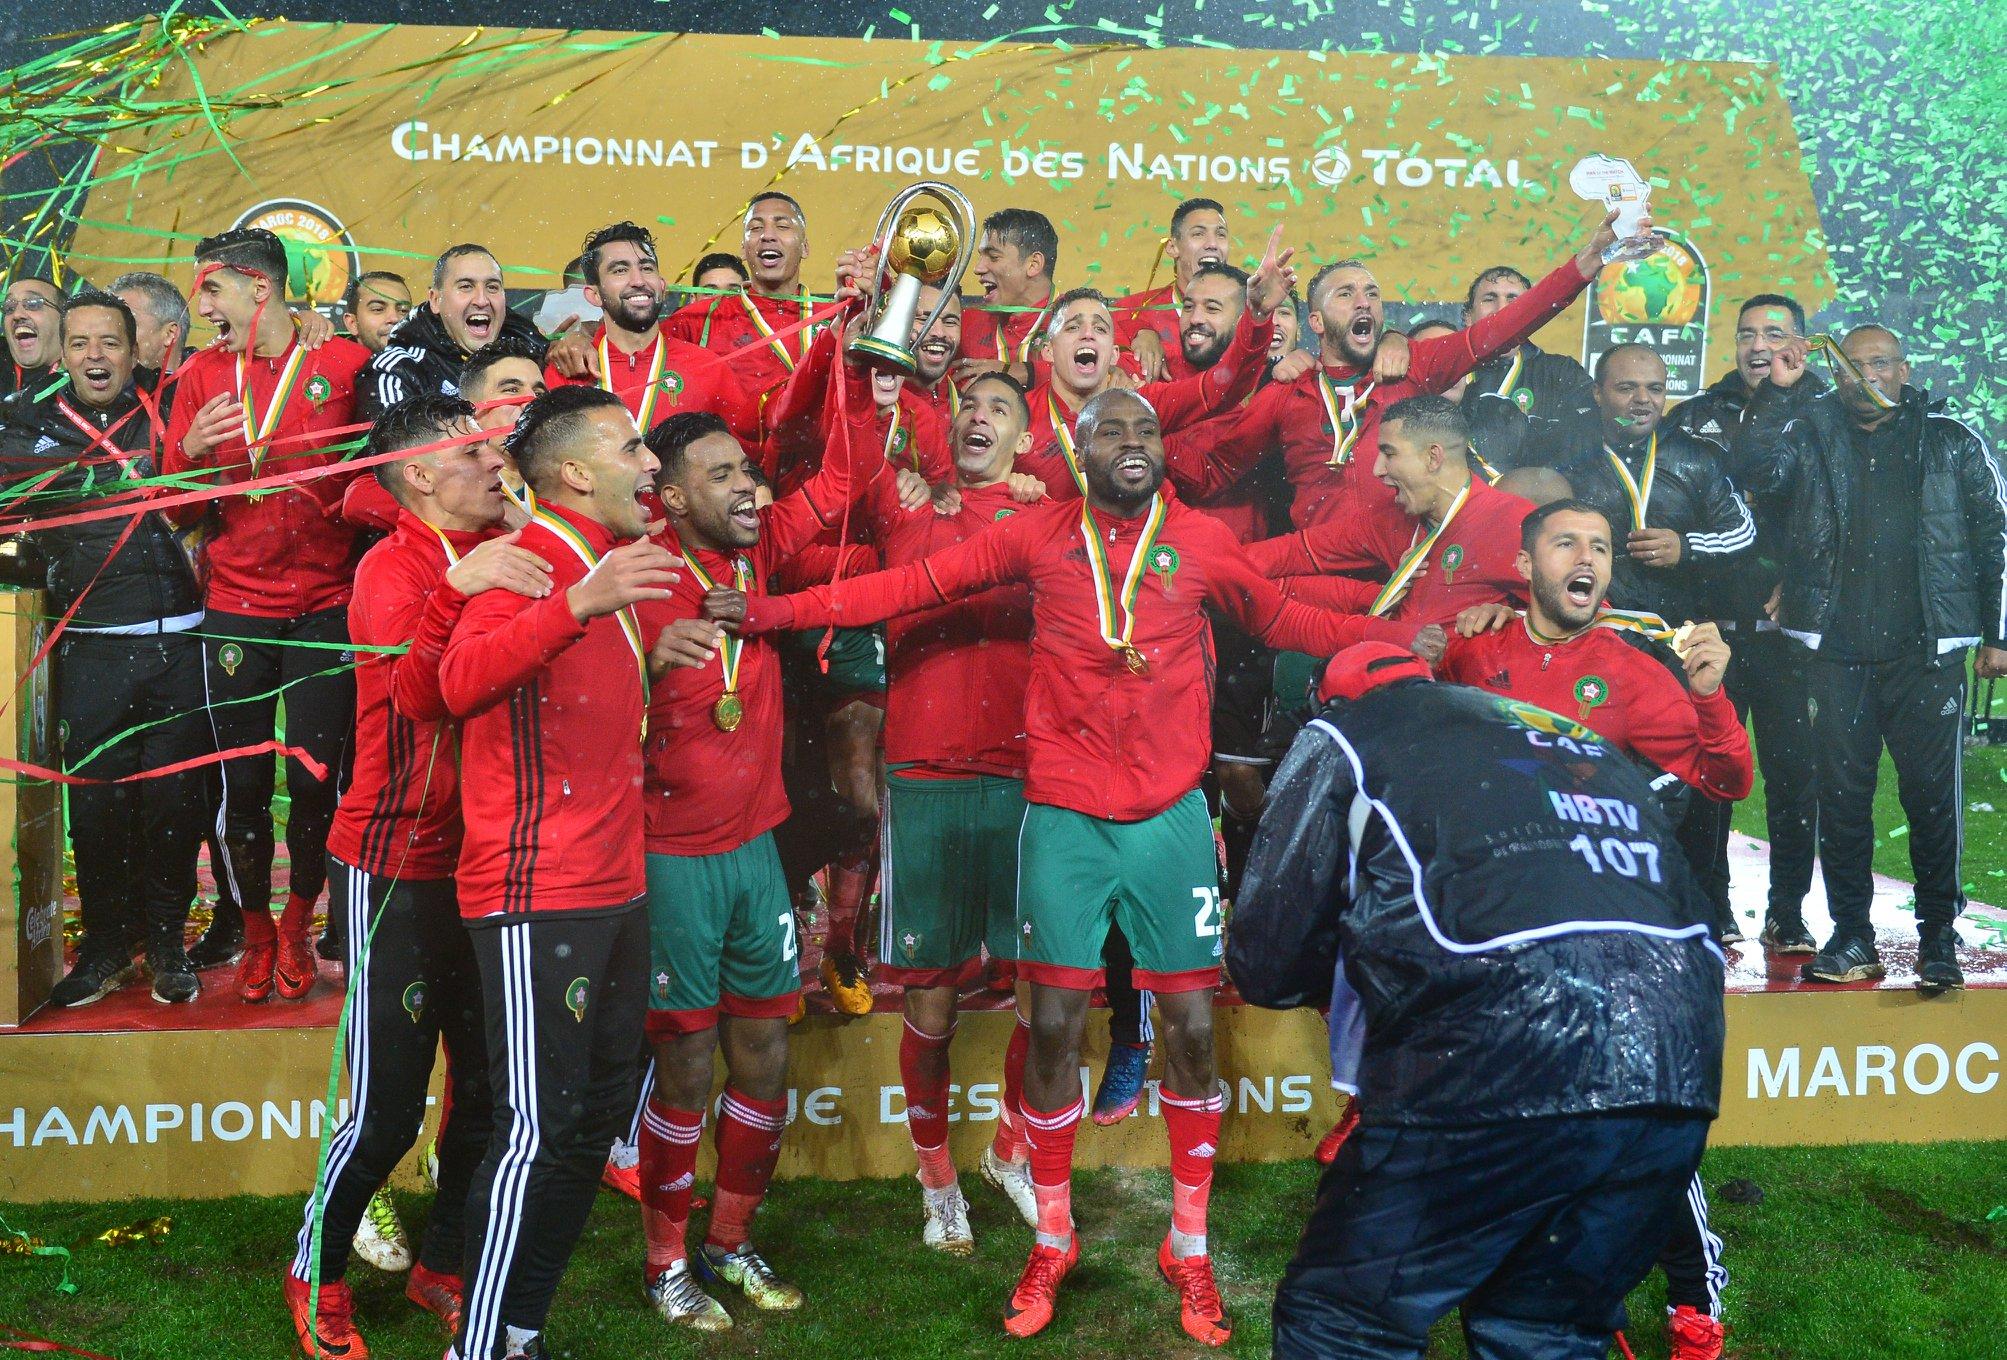 بطولة افريقيا للاعبين المحليين: طريق المنتخب المغربي نحو الفوز باللقب